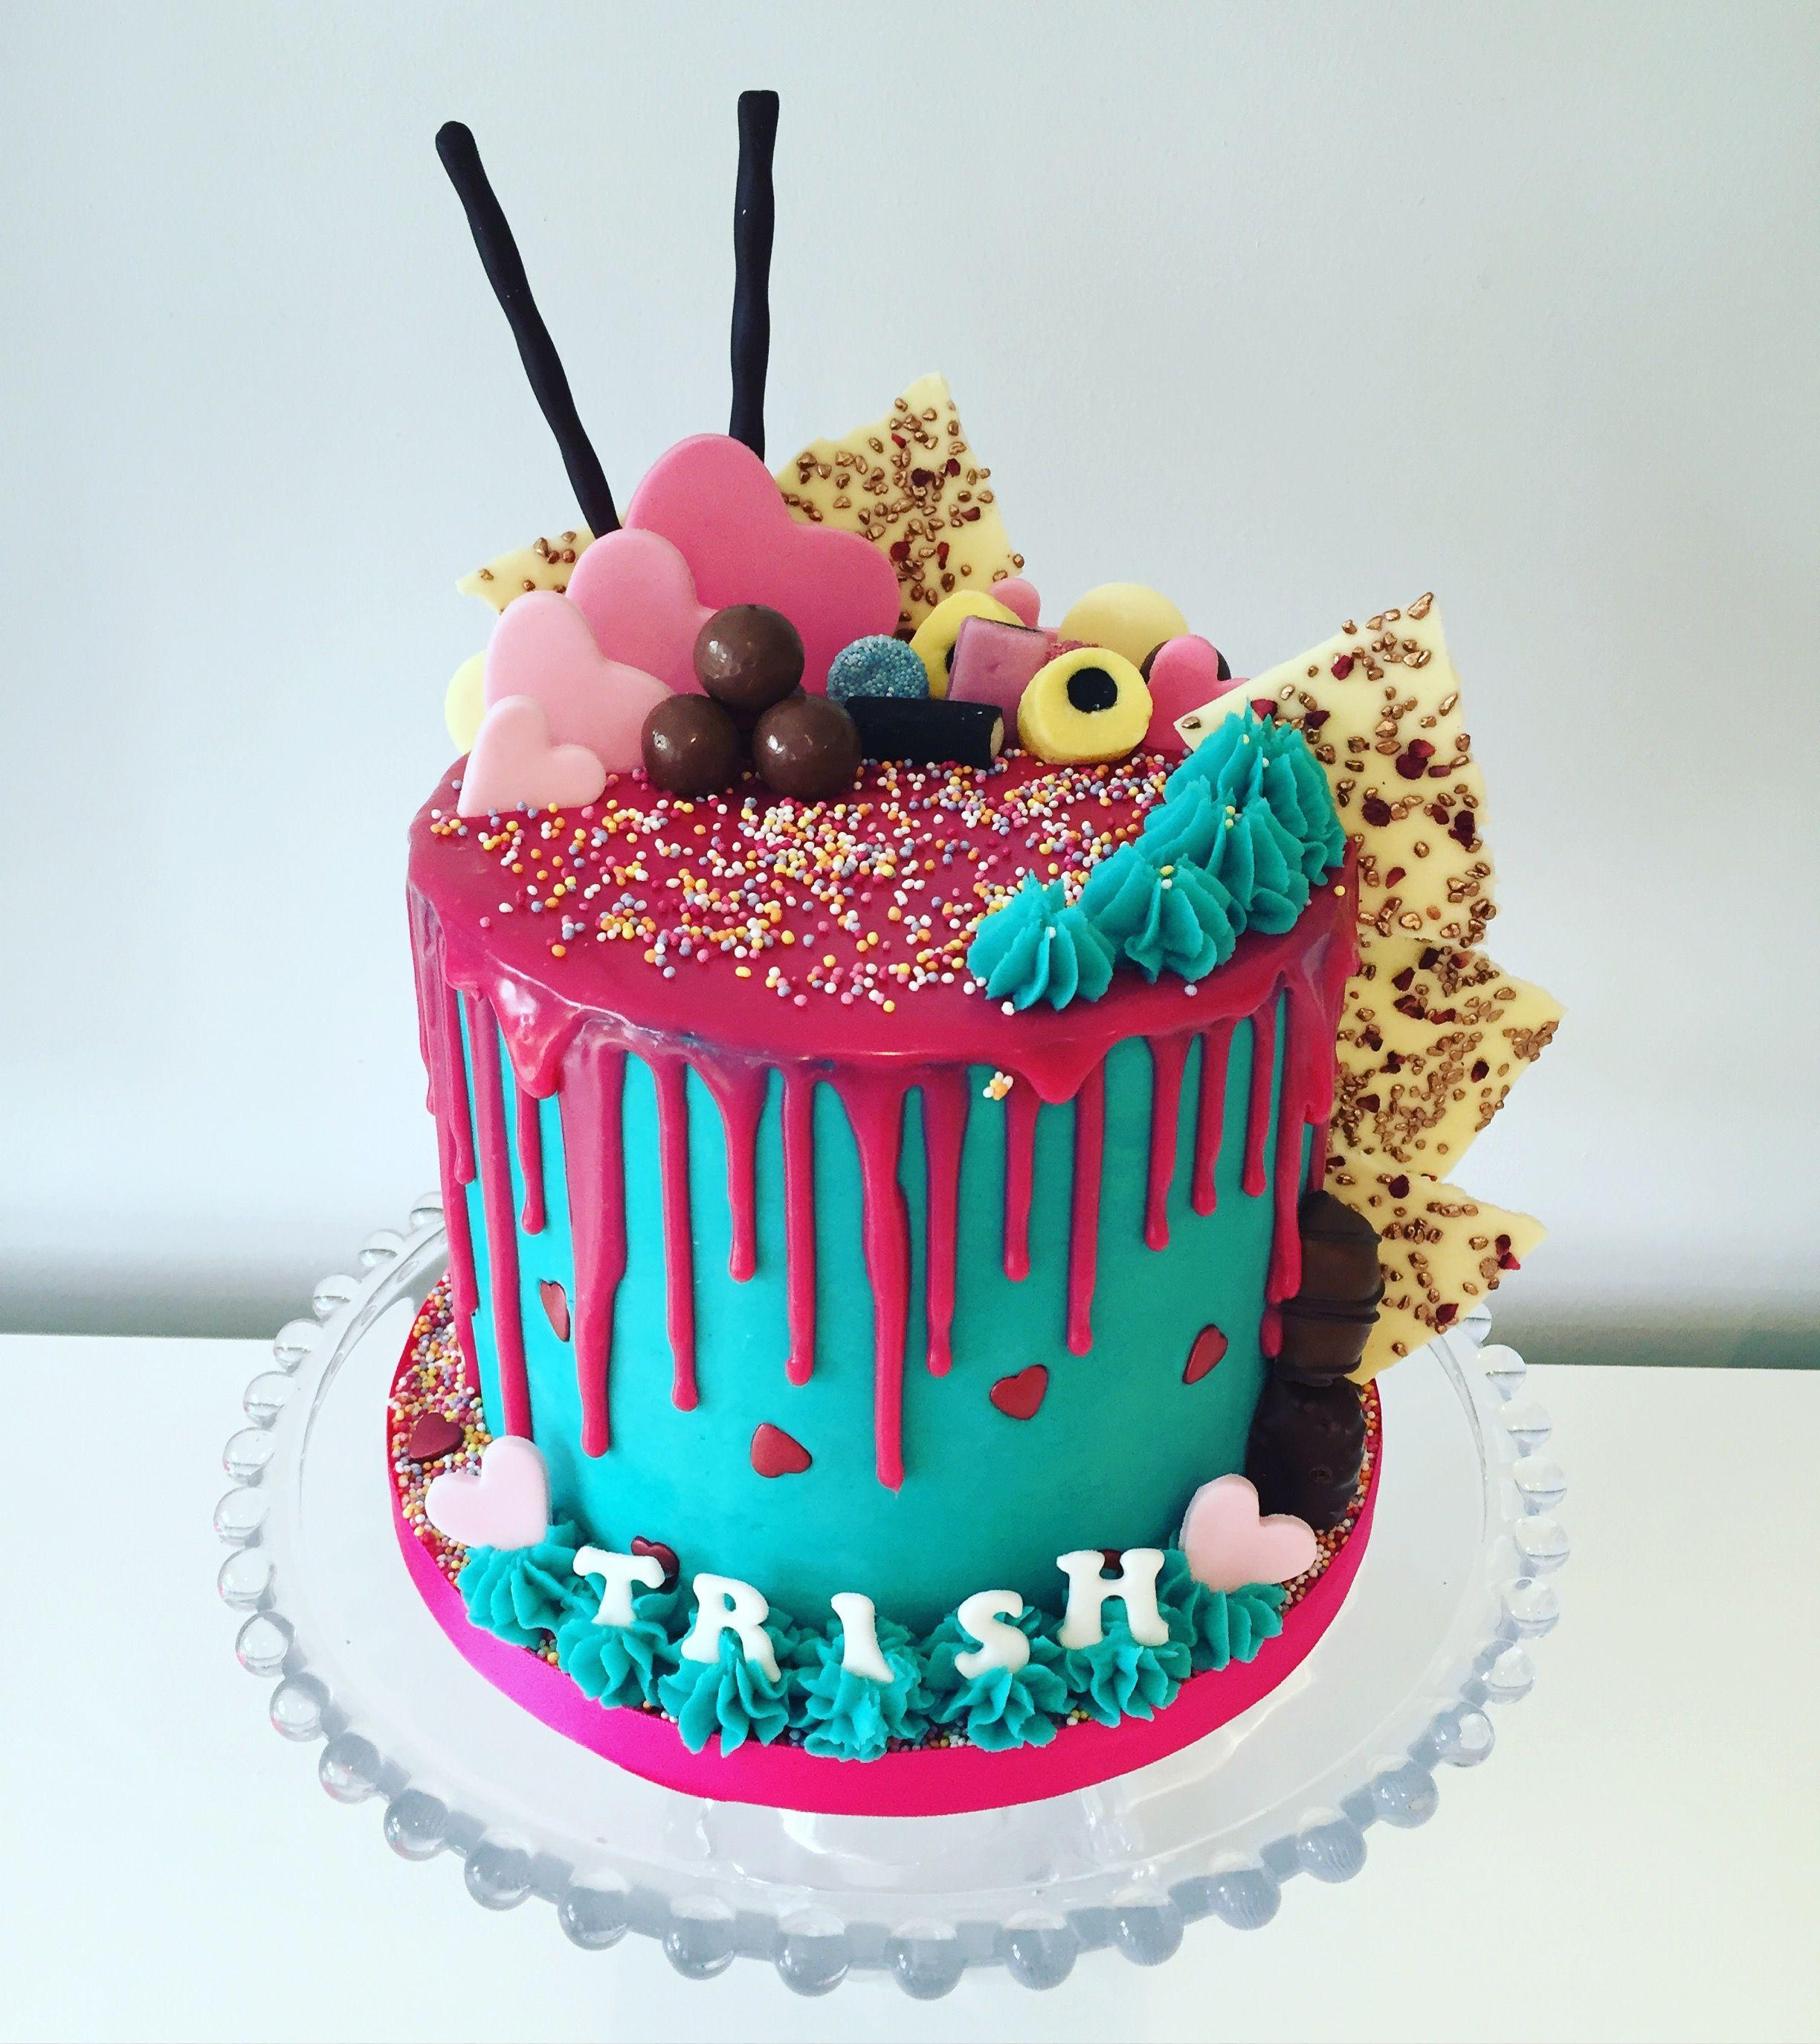 Buttercream Drip Cake Bright And Cheery Birthday Cake